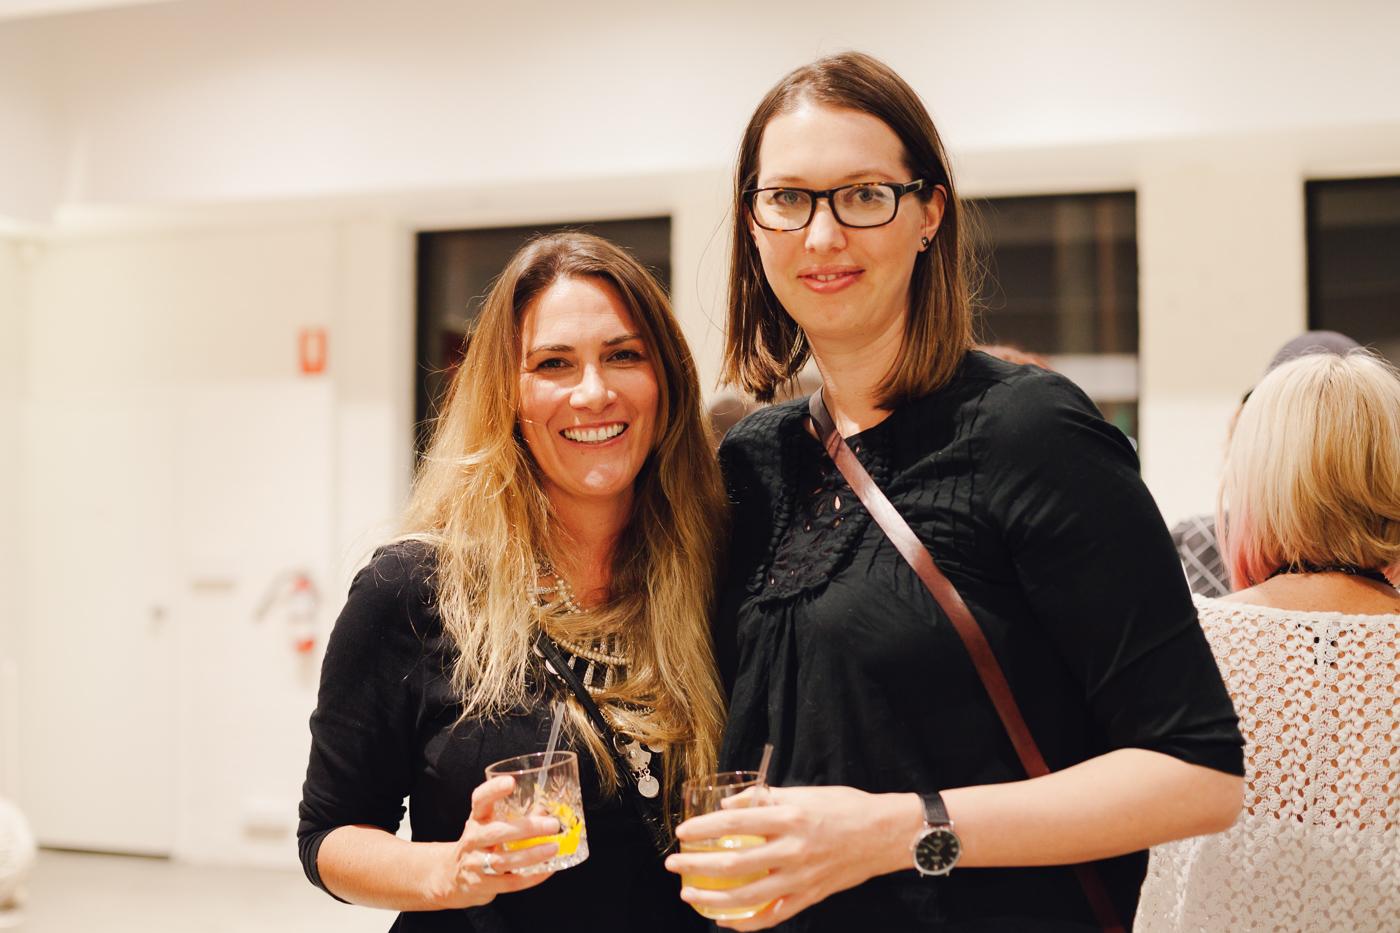 Christine McDonald & Teresa Ceberek | NEW AGAIN by Petrina Turner Design for Designer Rugs | The launch event